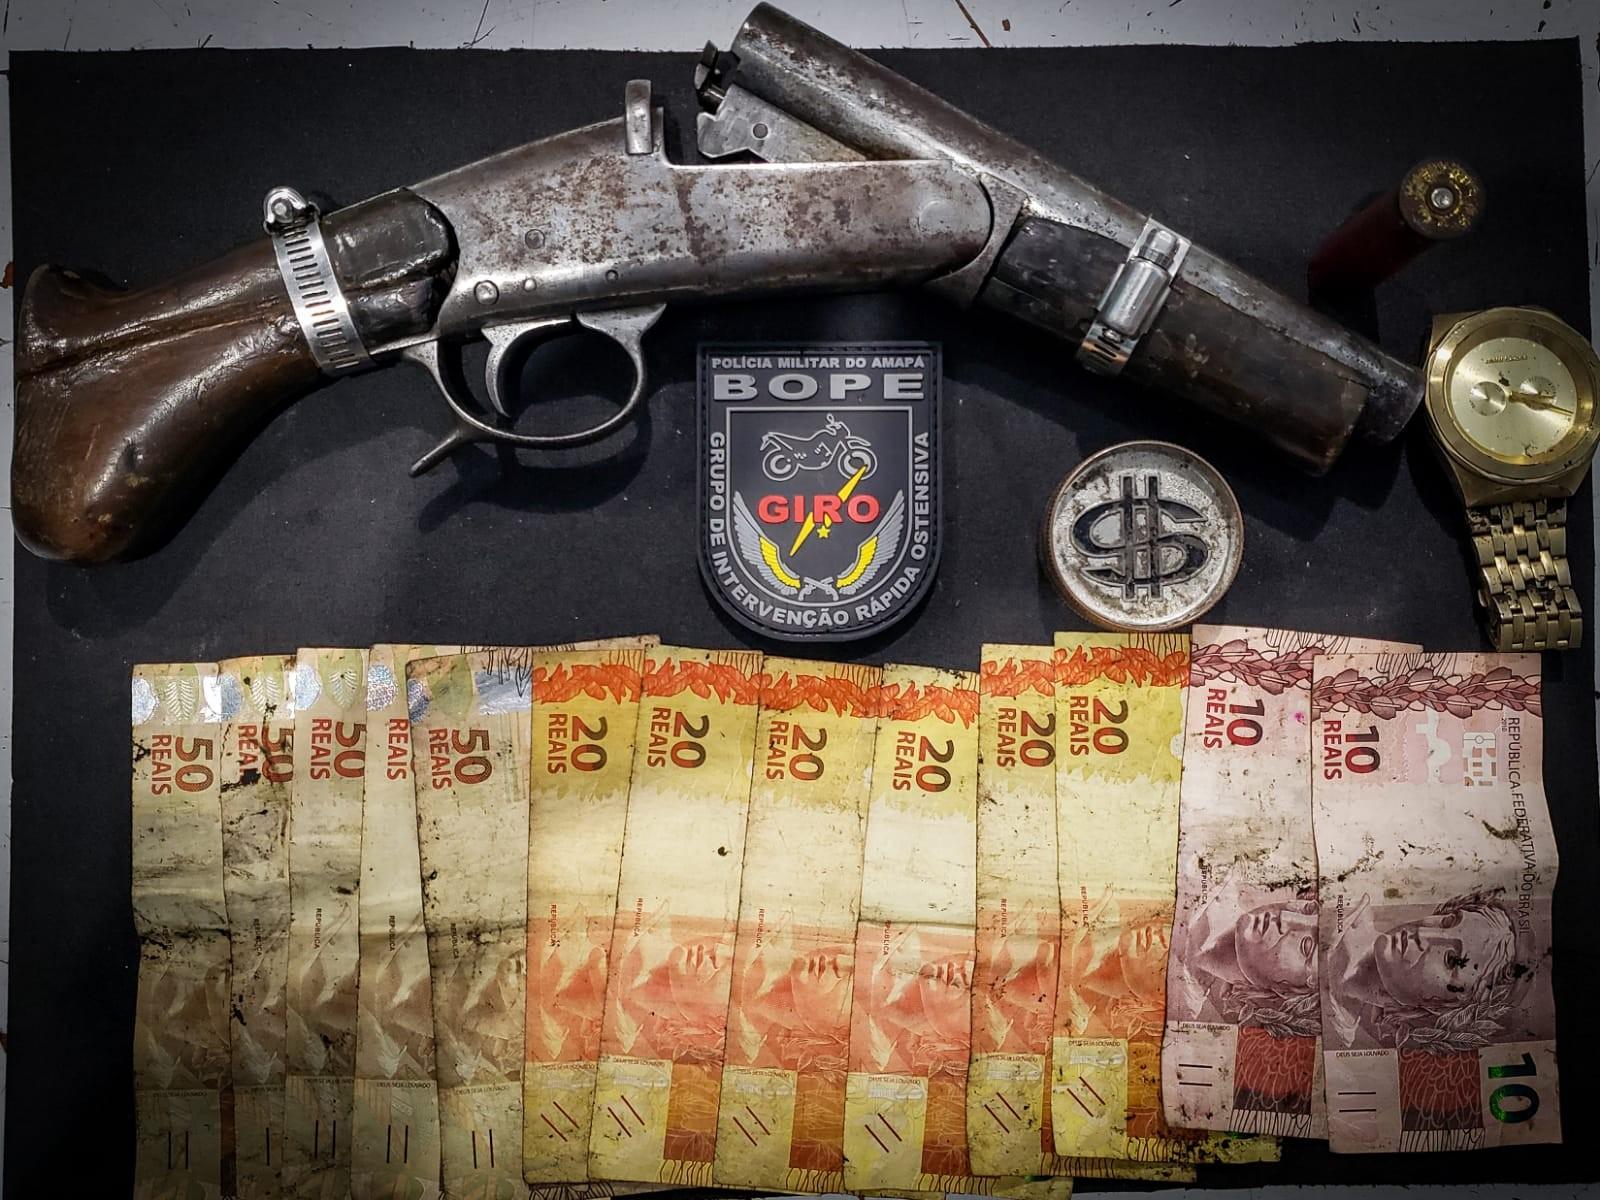 Membro de facção criminosa morre em troca de tiros com o Bope em periferia de Macapá